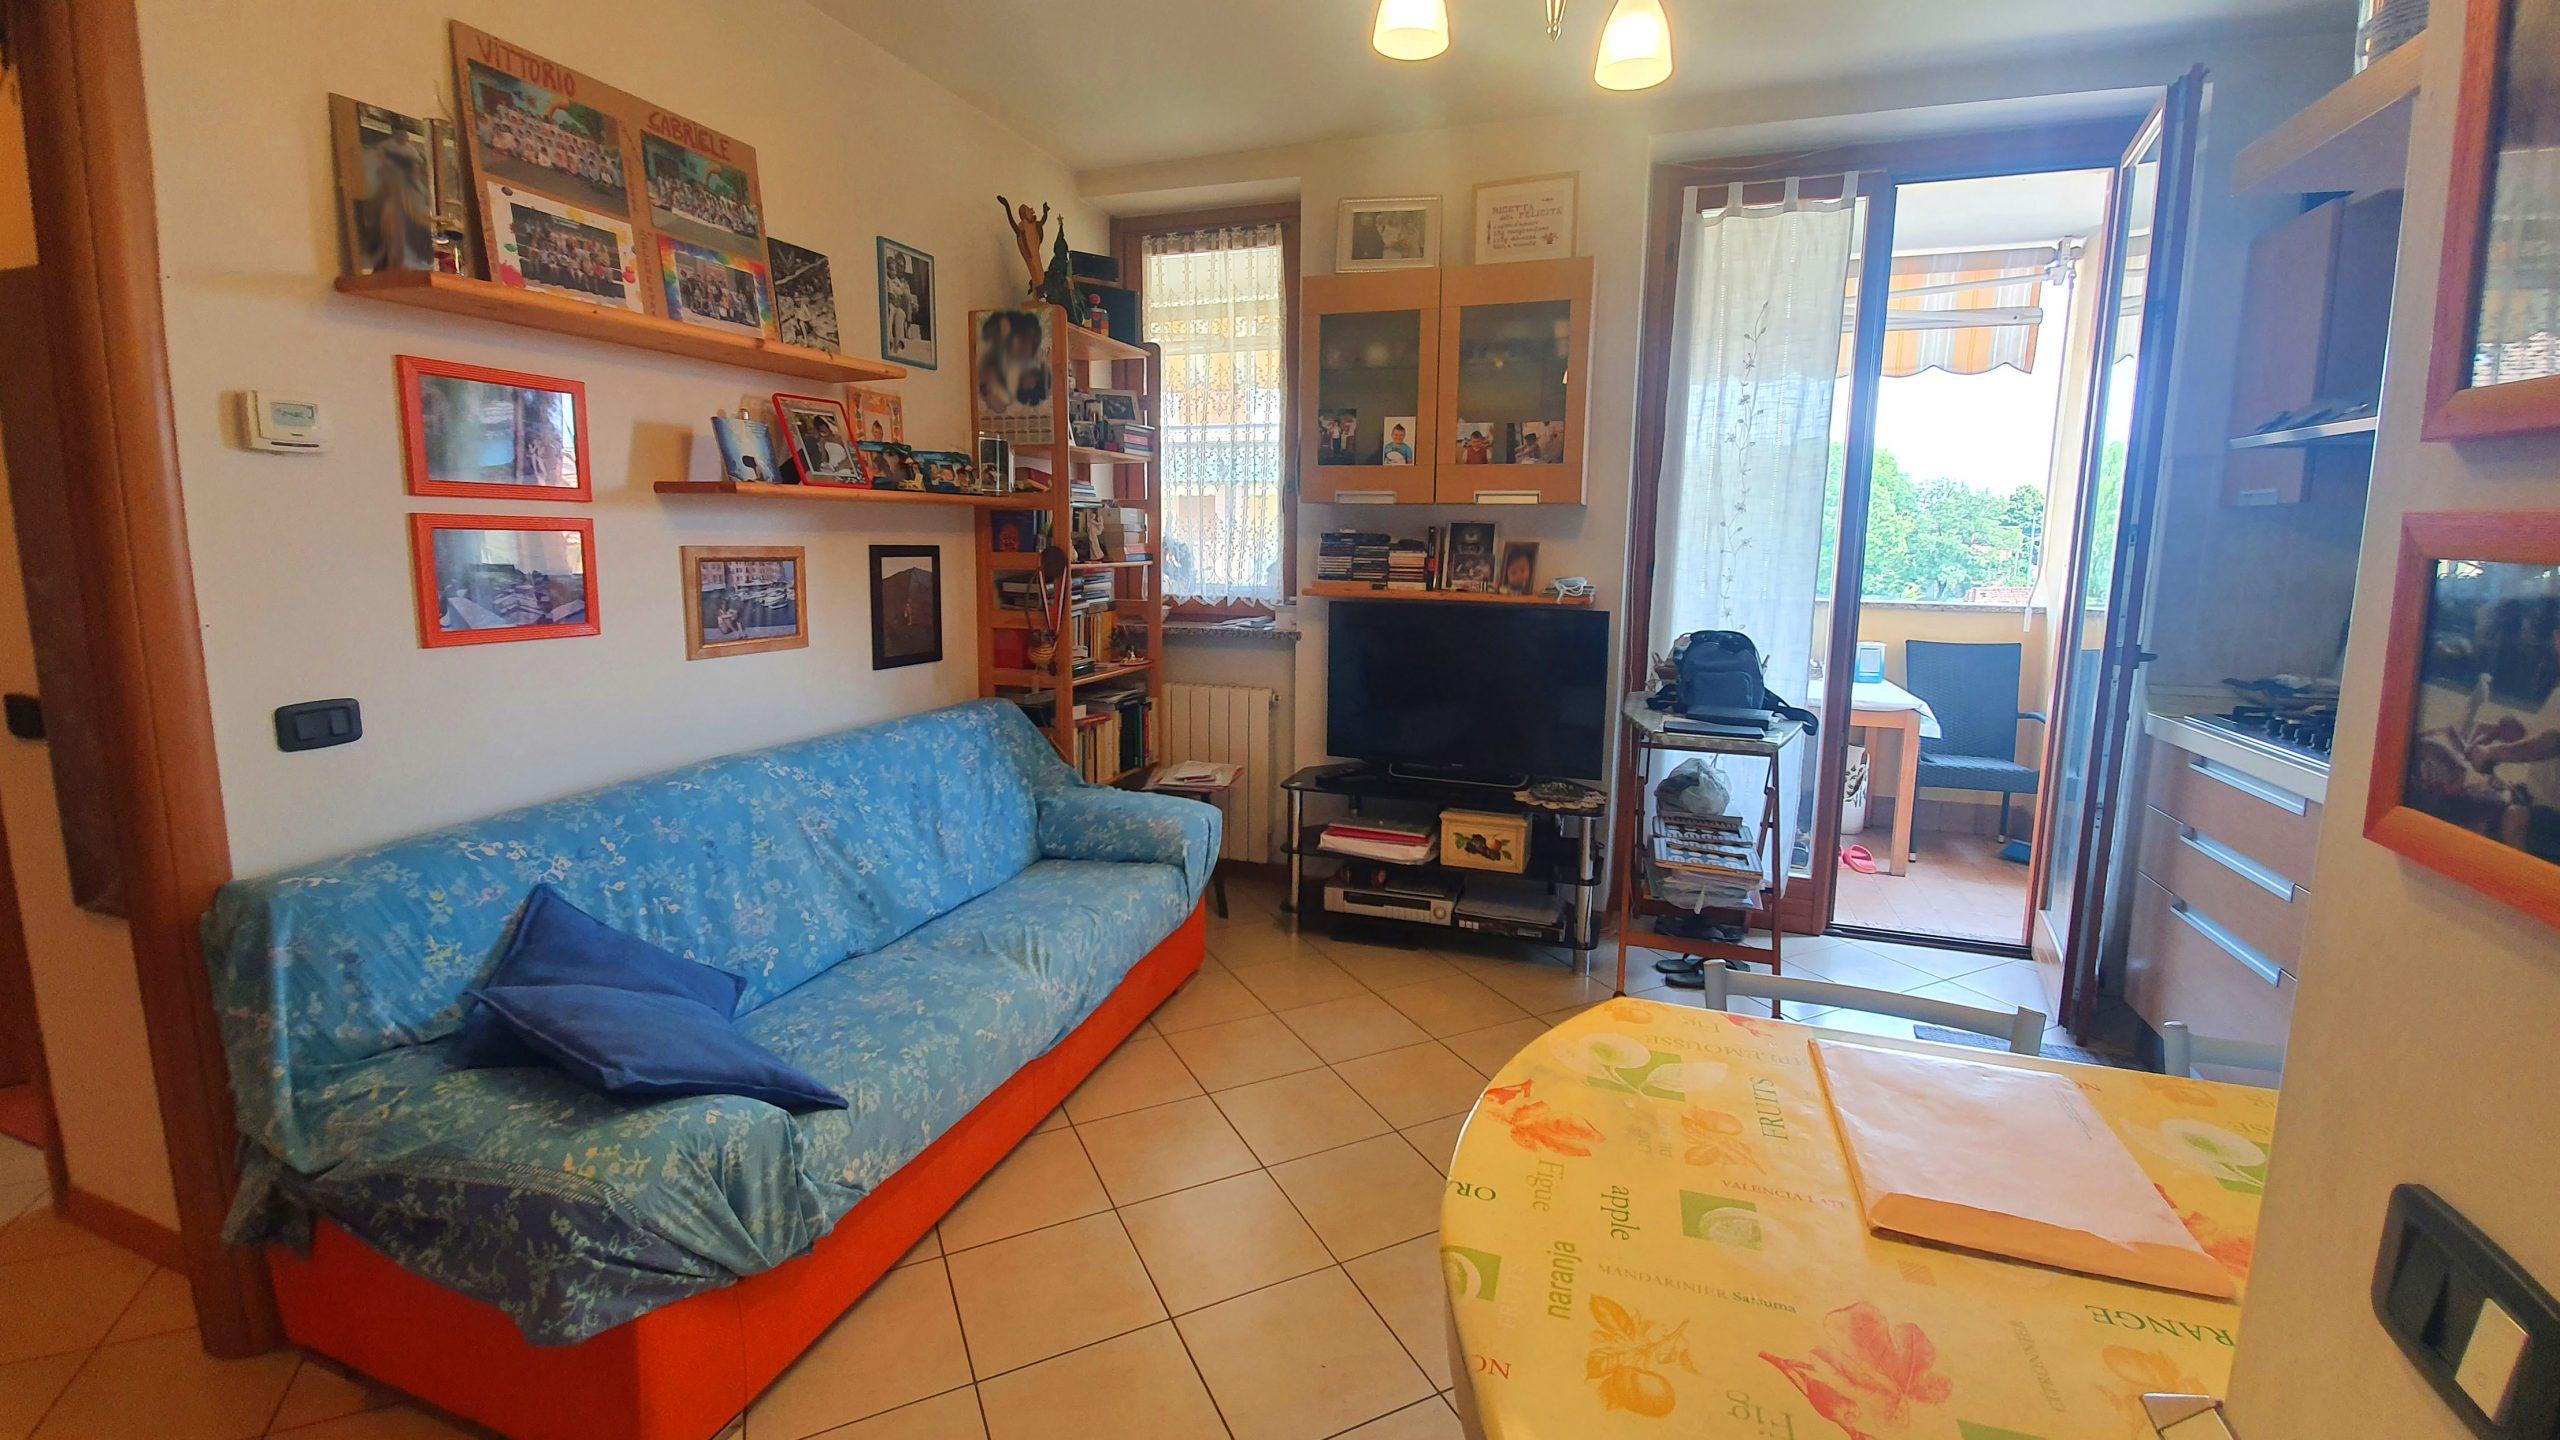 Appartamento bilocale in vendita a Busto Arsizio